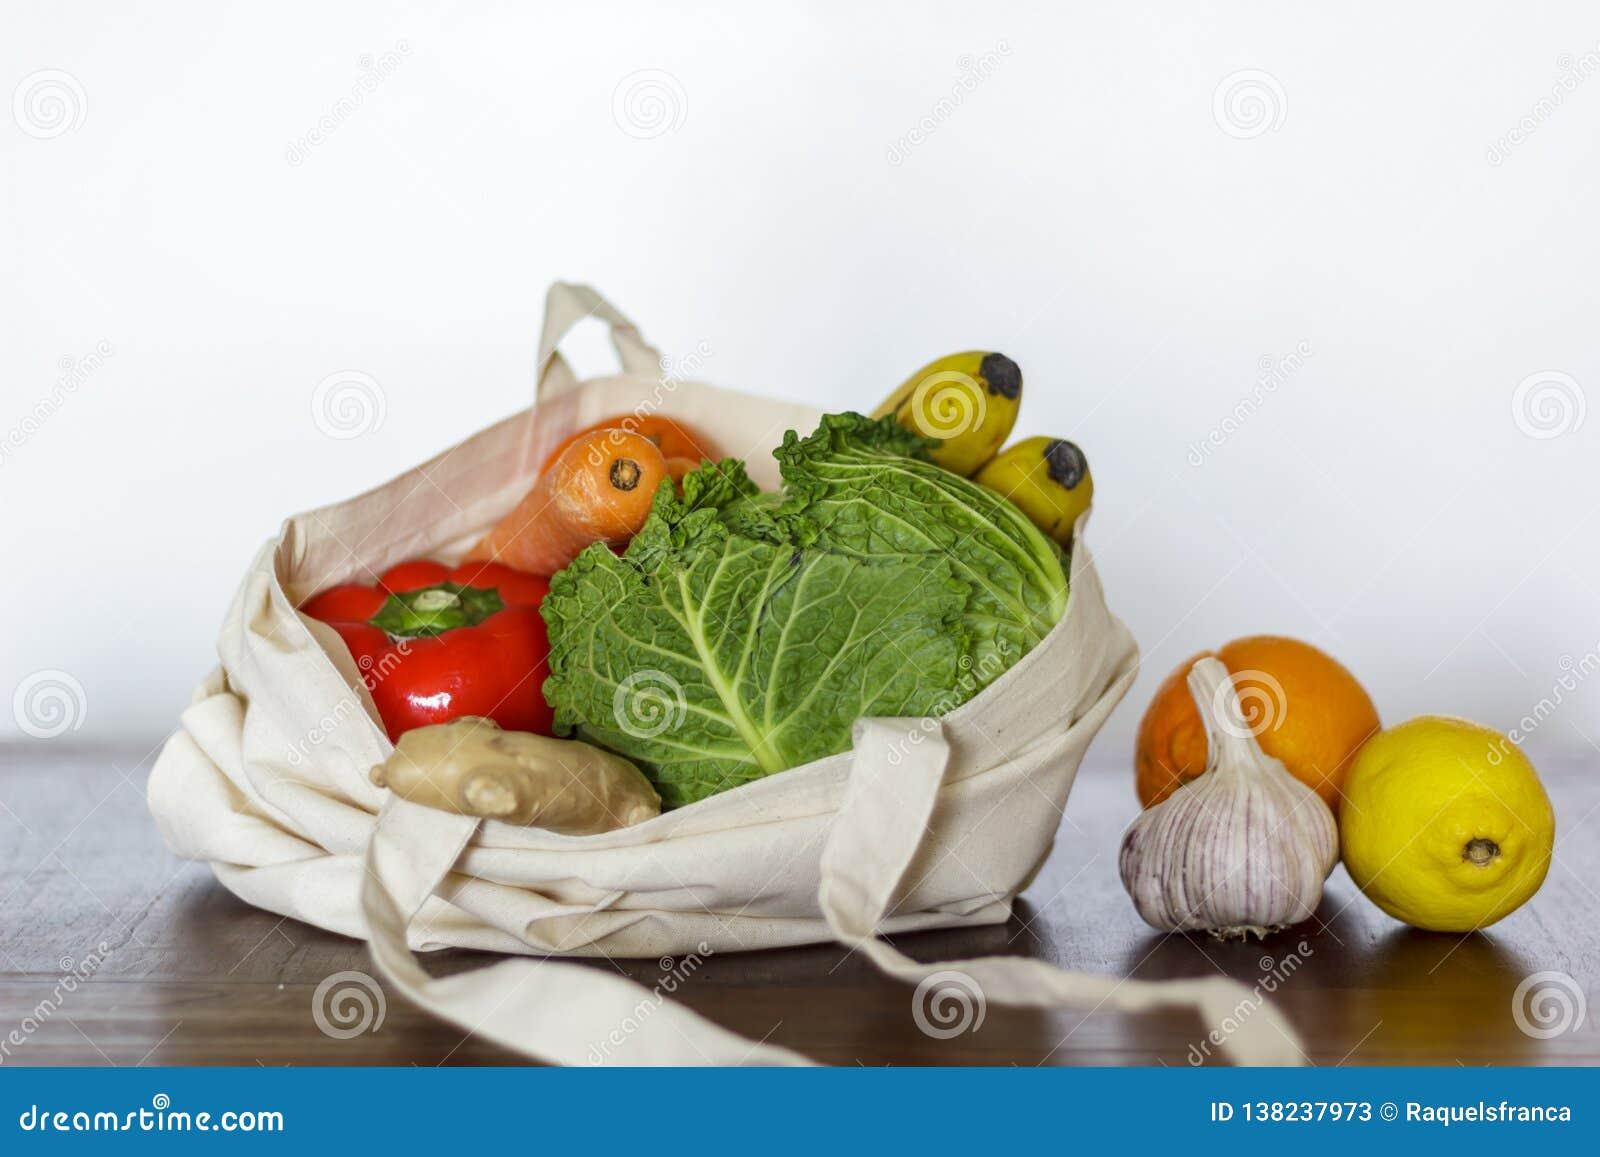 Frischgemüse und Früchte in der Baumwolltasche Nullabfall, freies Plastikkonzept